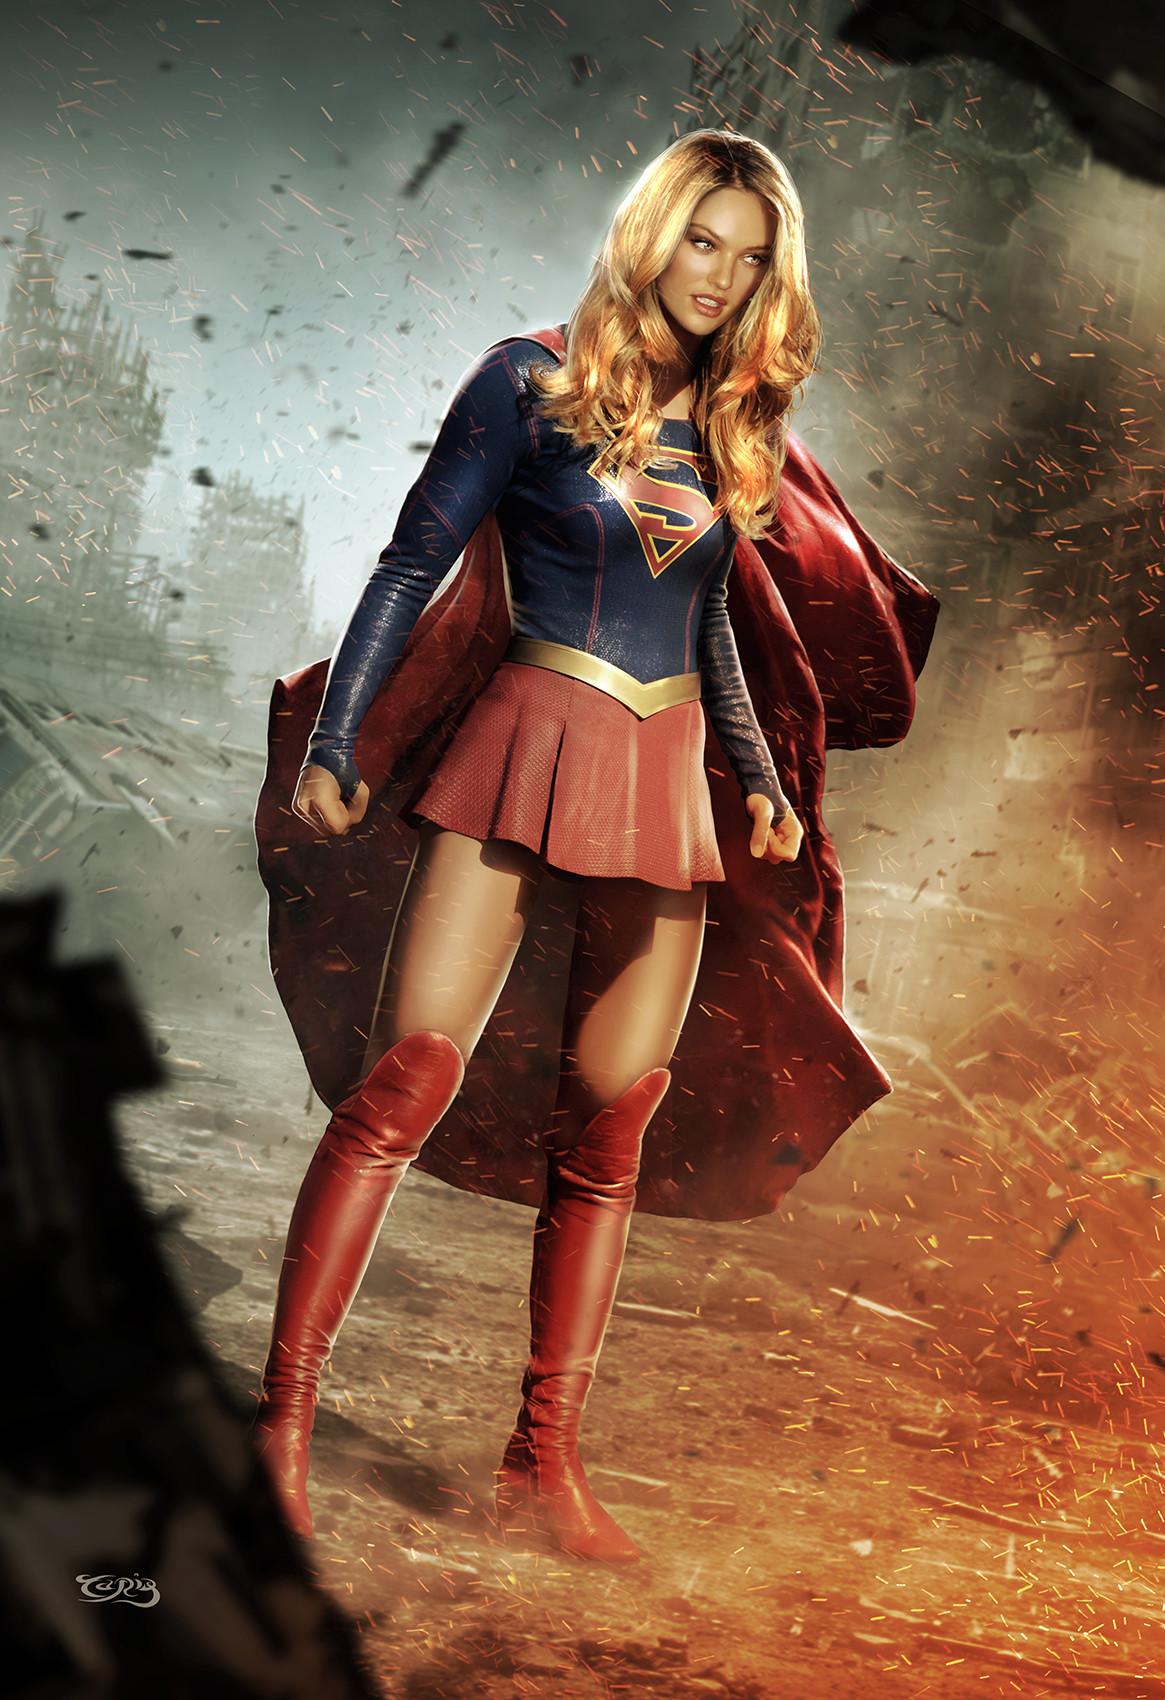 Marvel Power Girl Wallpaper Artstation Kara Jor El Tariq Raheem